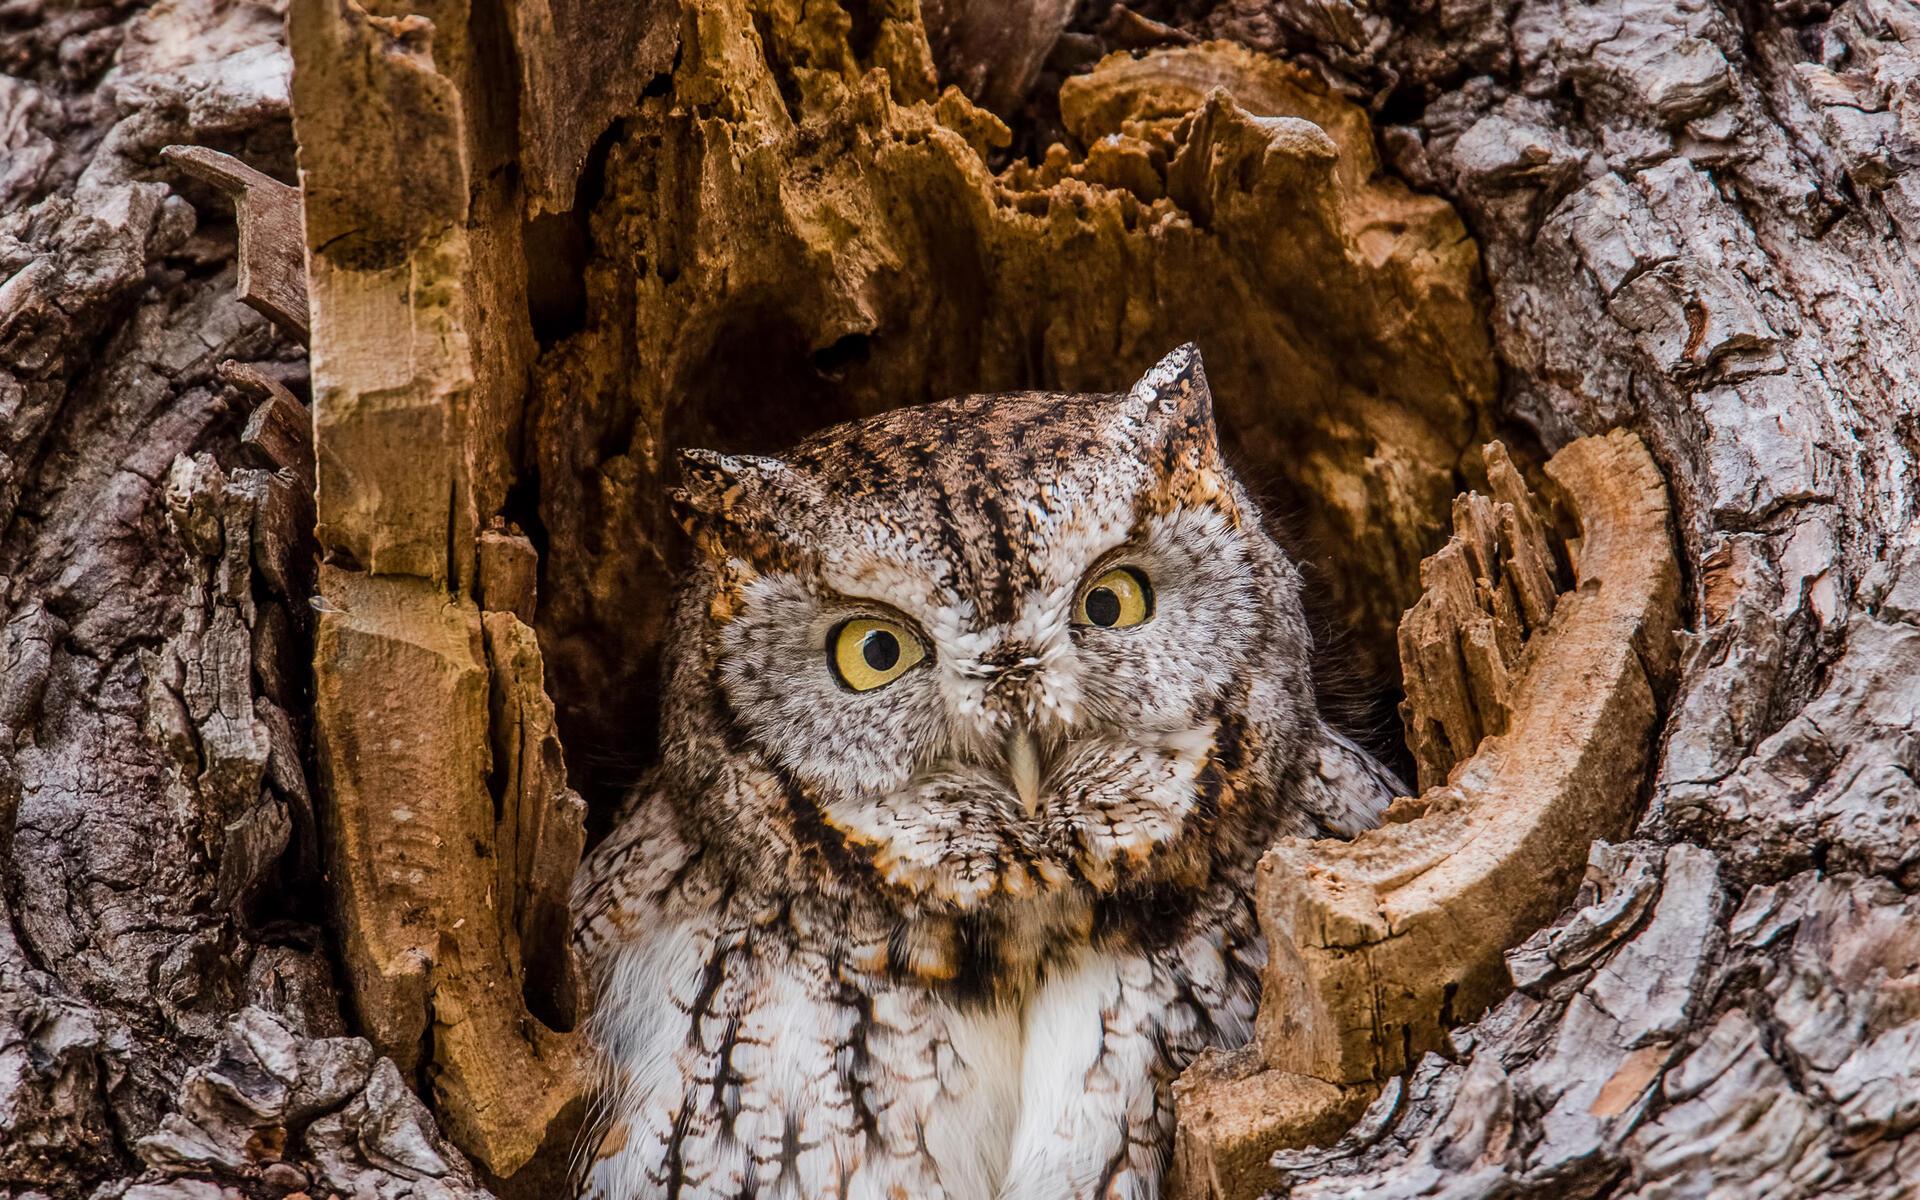 Eastern Screech Owl Audubon Field Guide